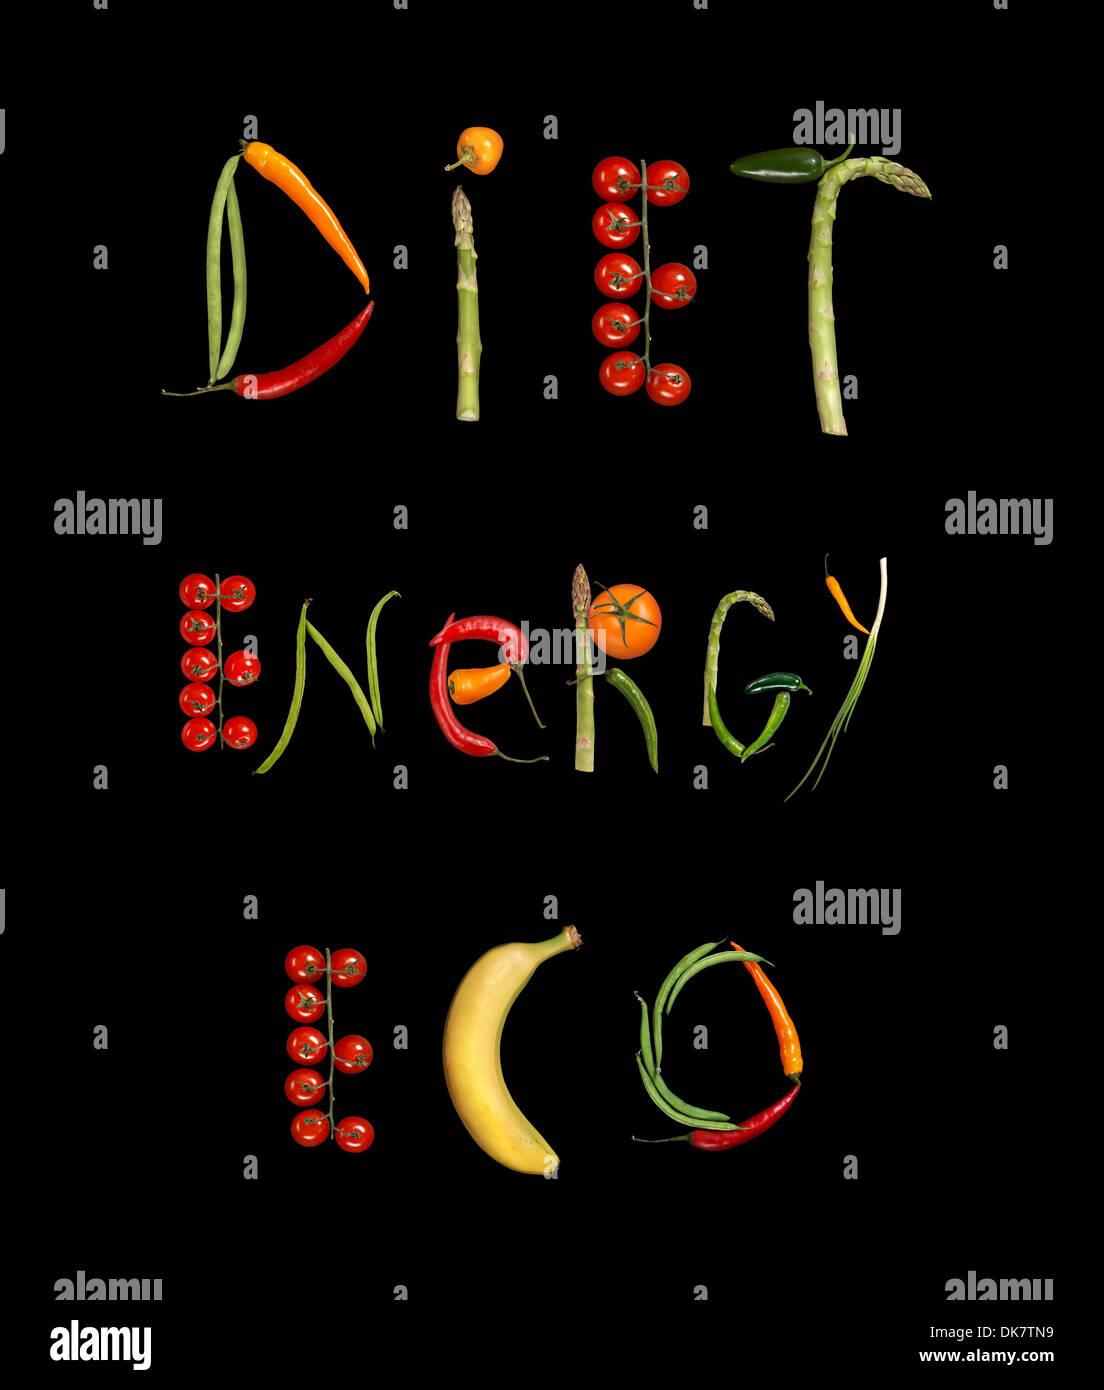 L'alimentation, l'énergie, l'Éco Photo Stock